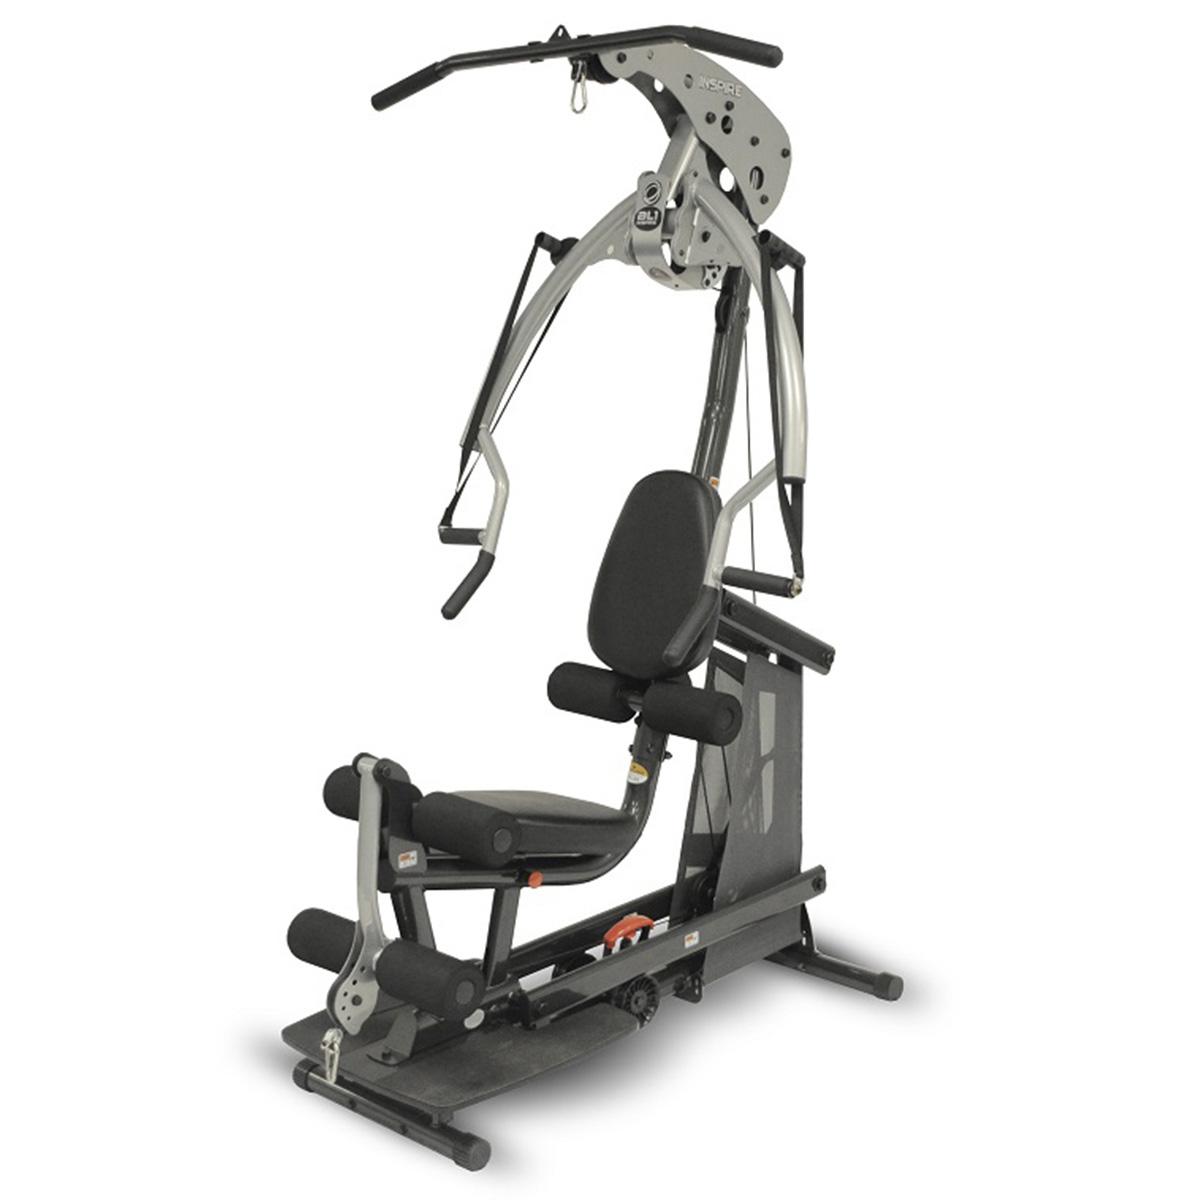 Estação de Musculação Multi Exercícios sem Placas de Pesos Inspire Body Lift Home Wellness